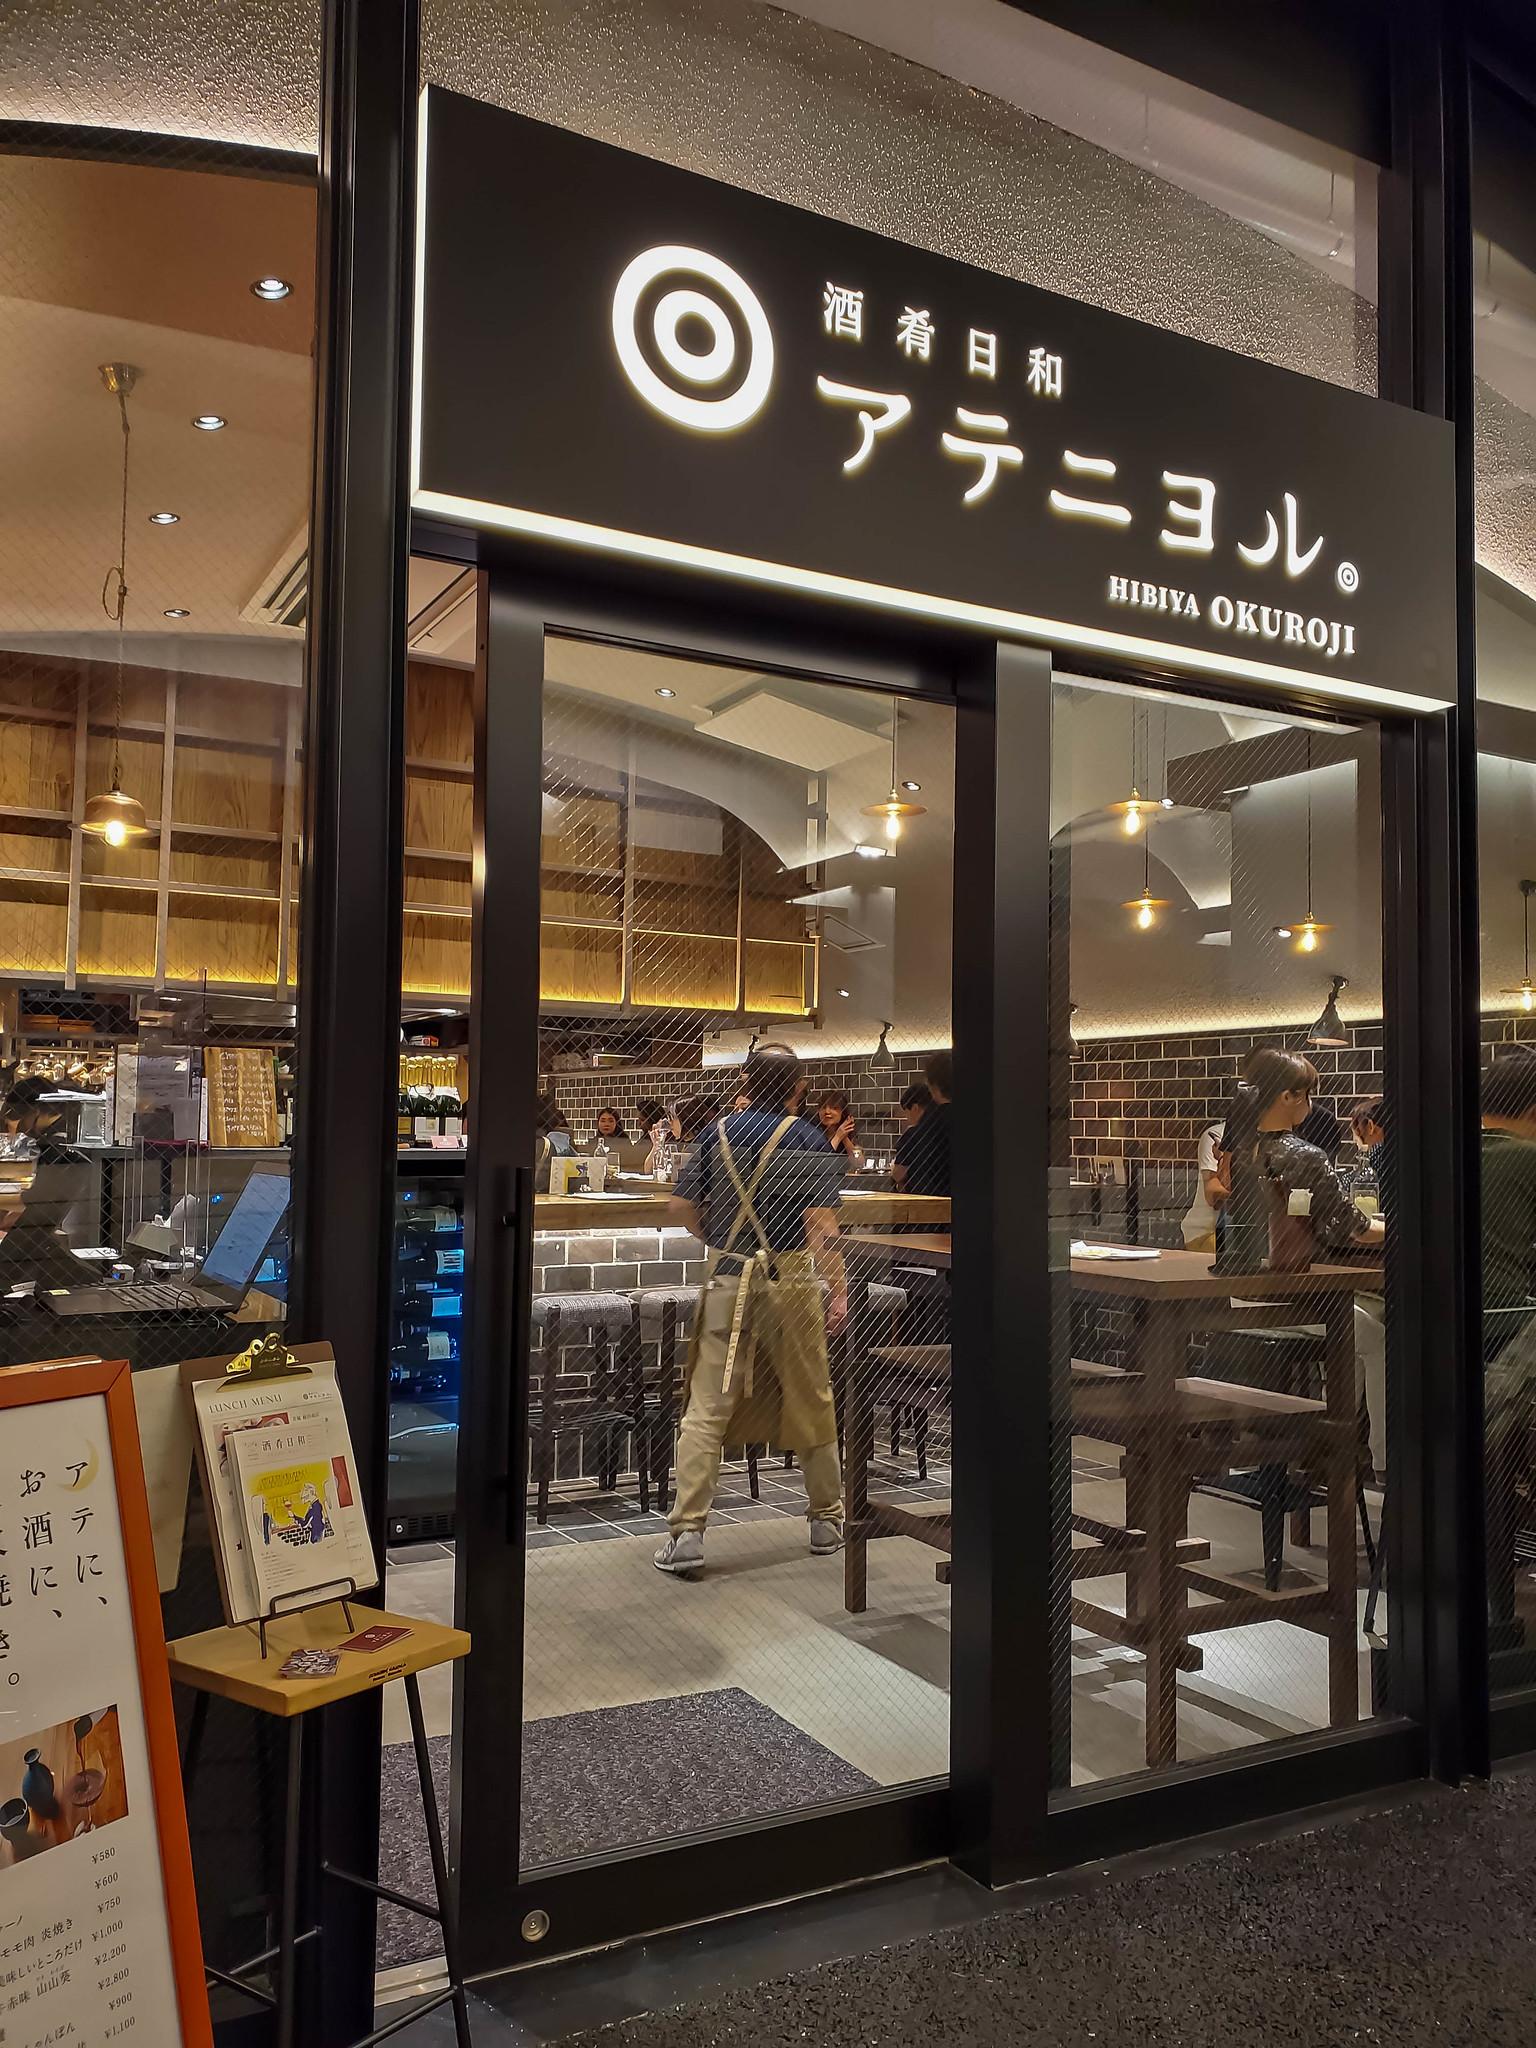 ワイン・日本酒の呑み比べが楽しい 酒肴日和 アテニヨル 日比谷OKUROJI